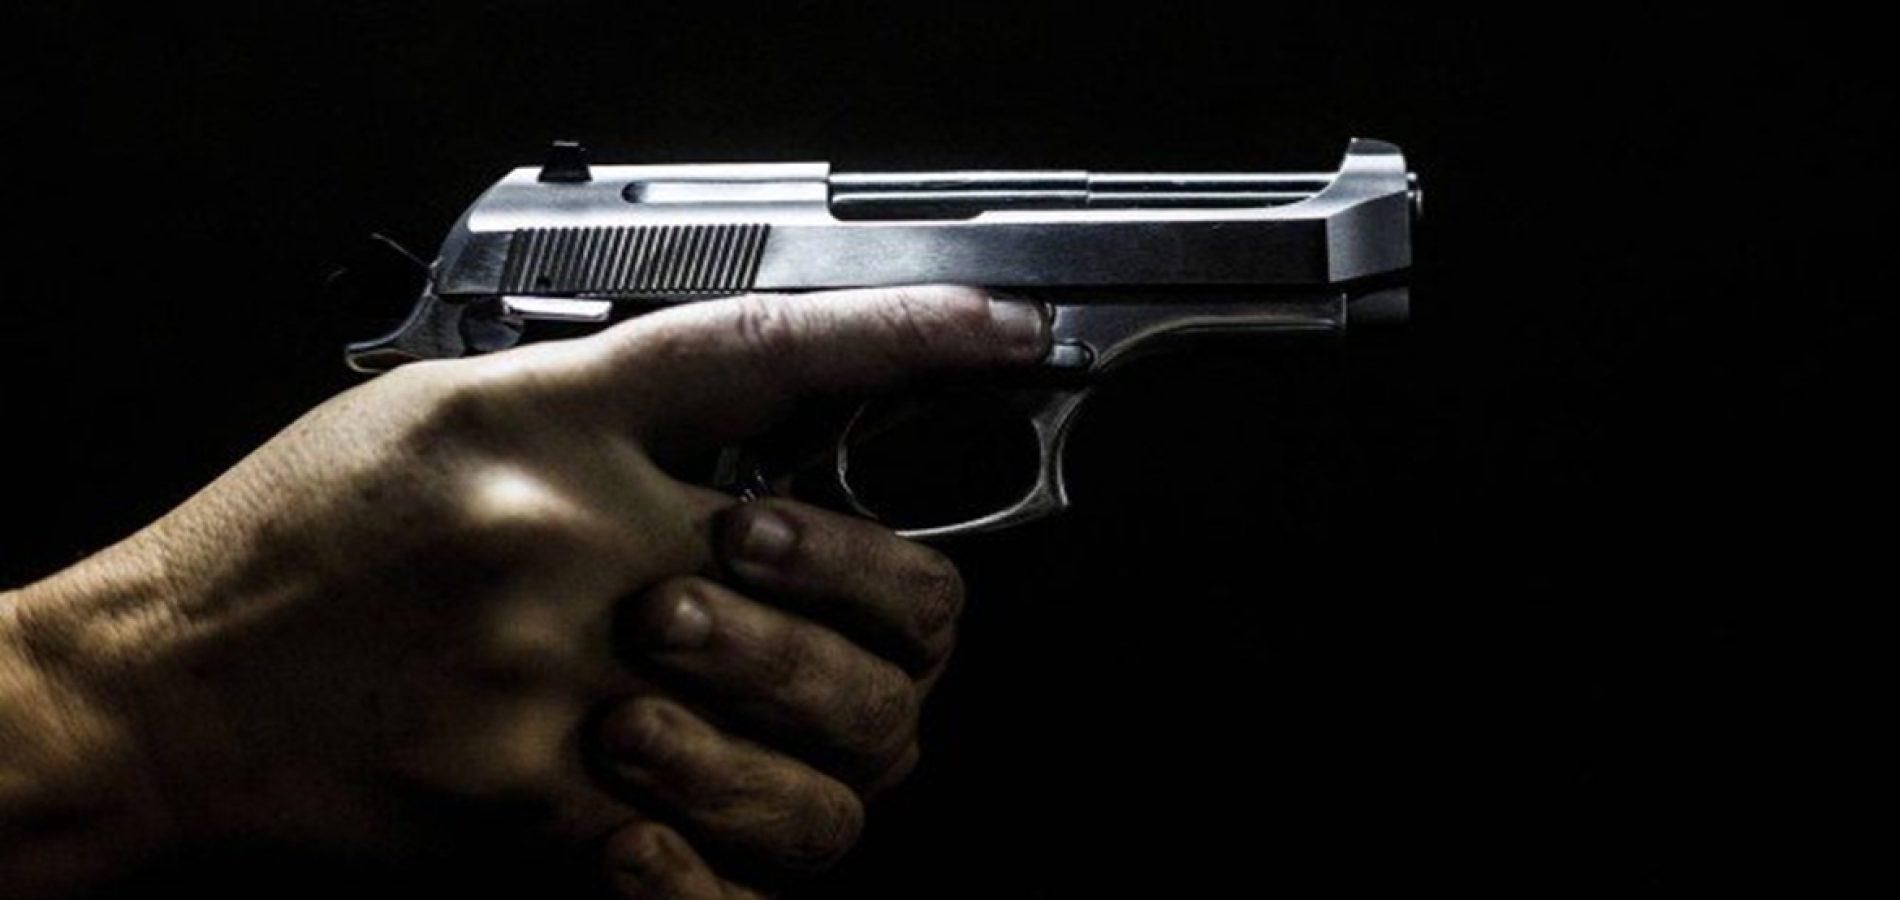 Decreto vai liberar posse de armas em cidades violentas, áreas rurais e comerciantes